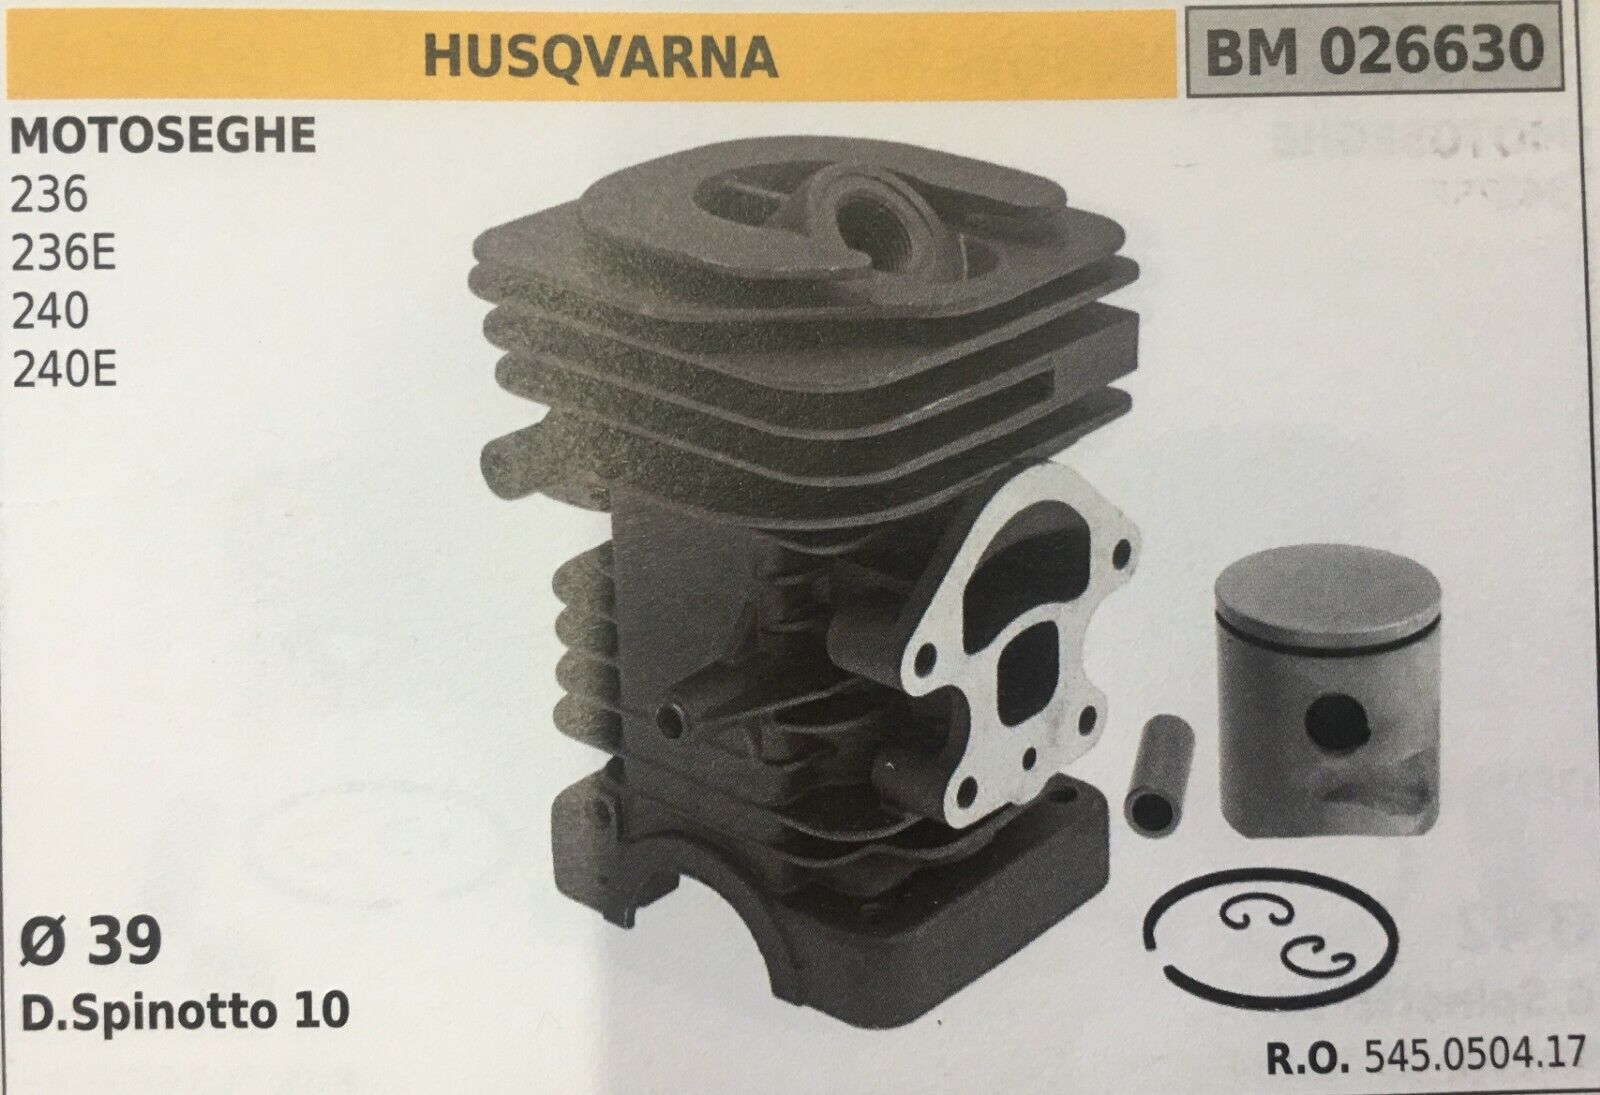 Cilindro Completo por Pistón y Segmentos Brumar BM026630 Husqvarna